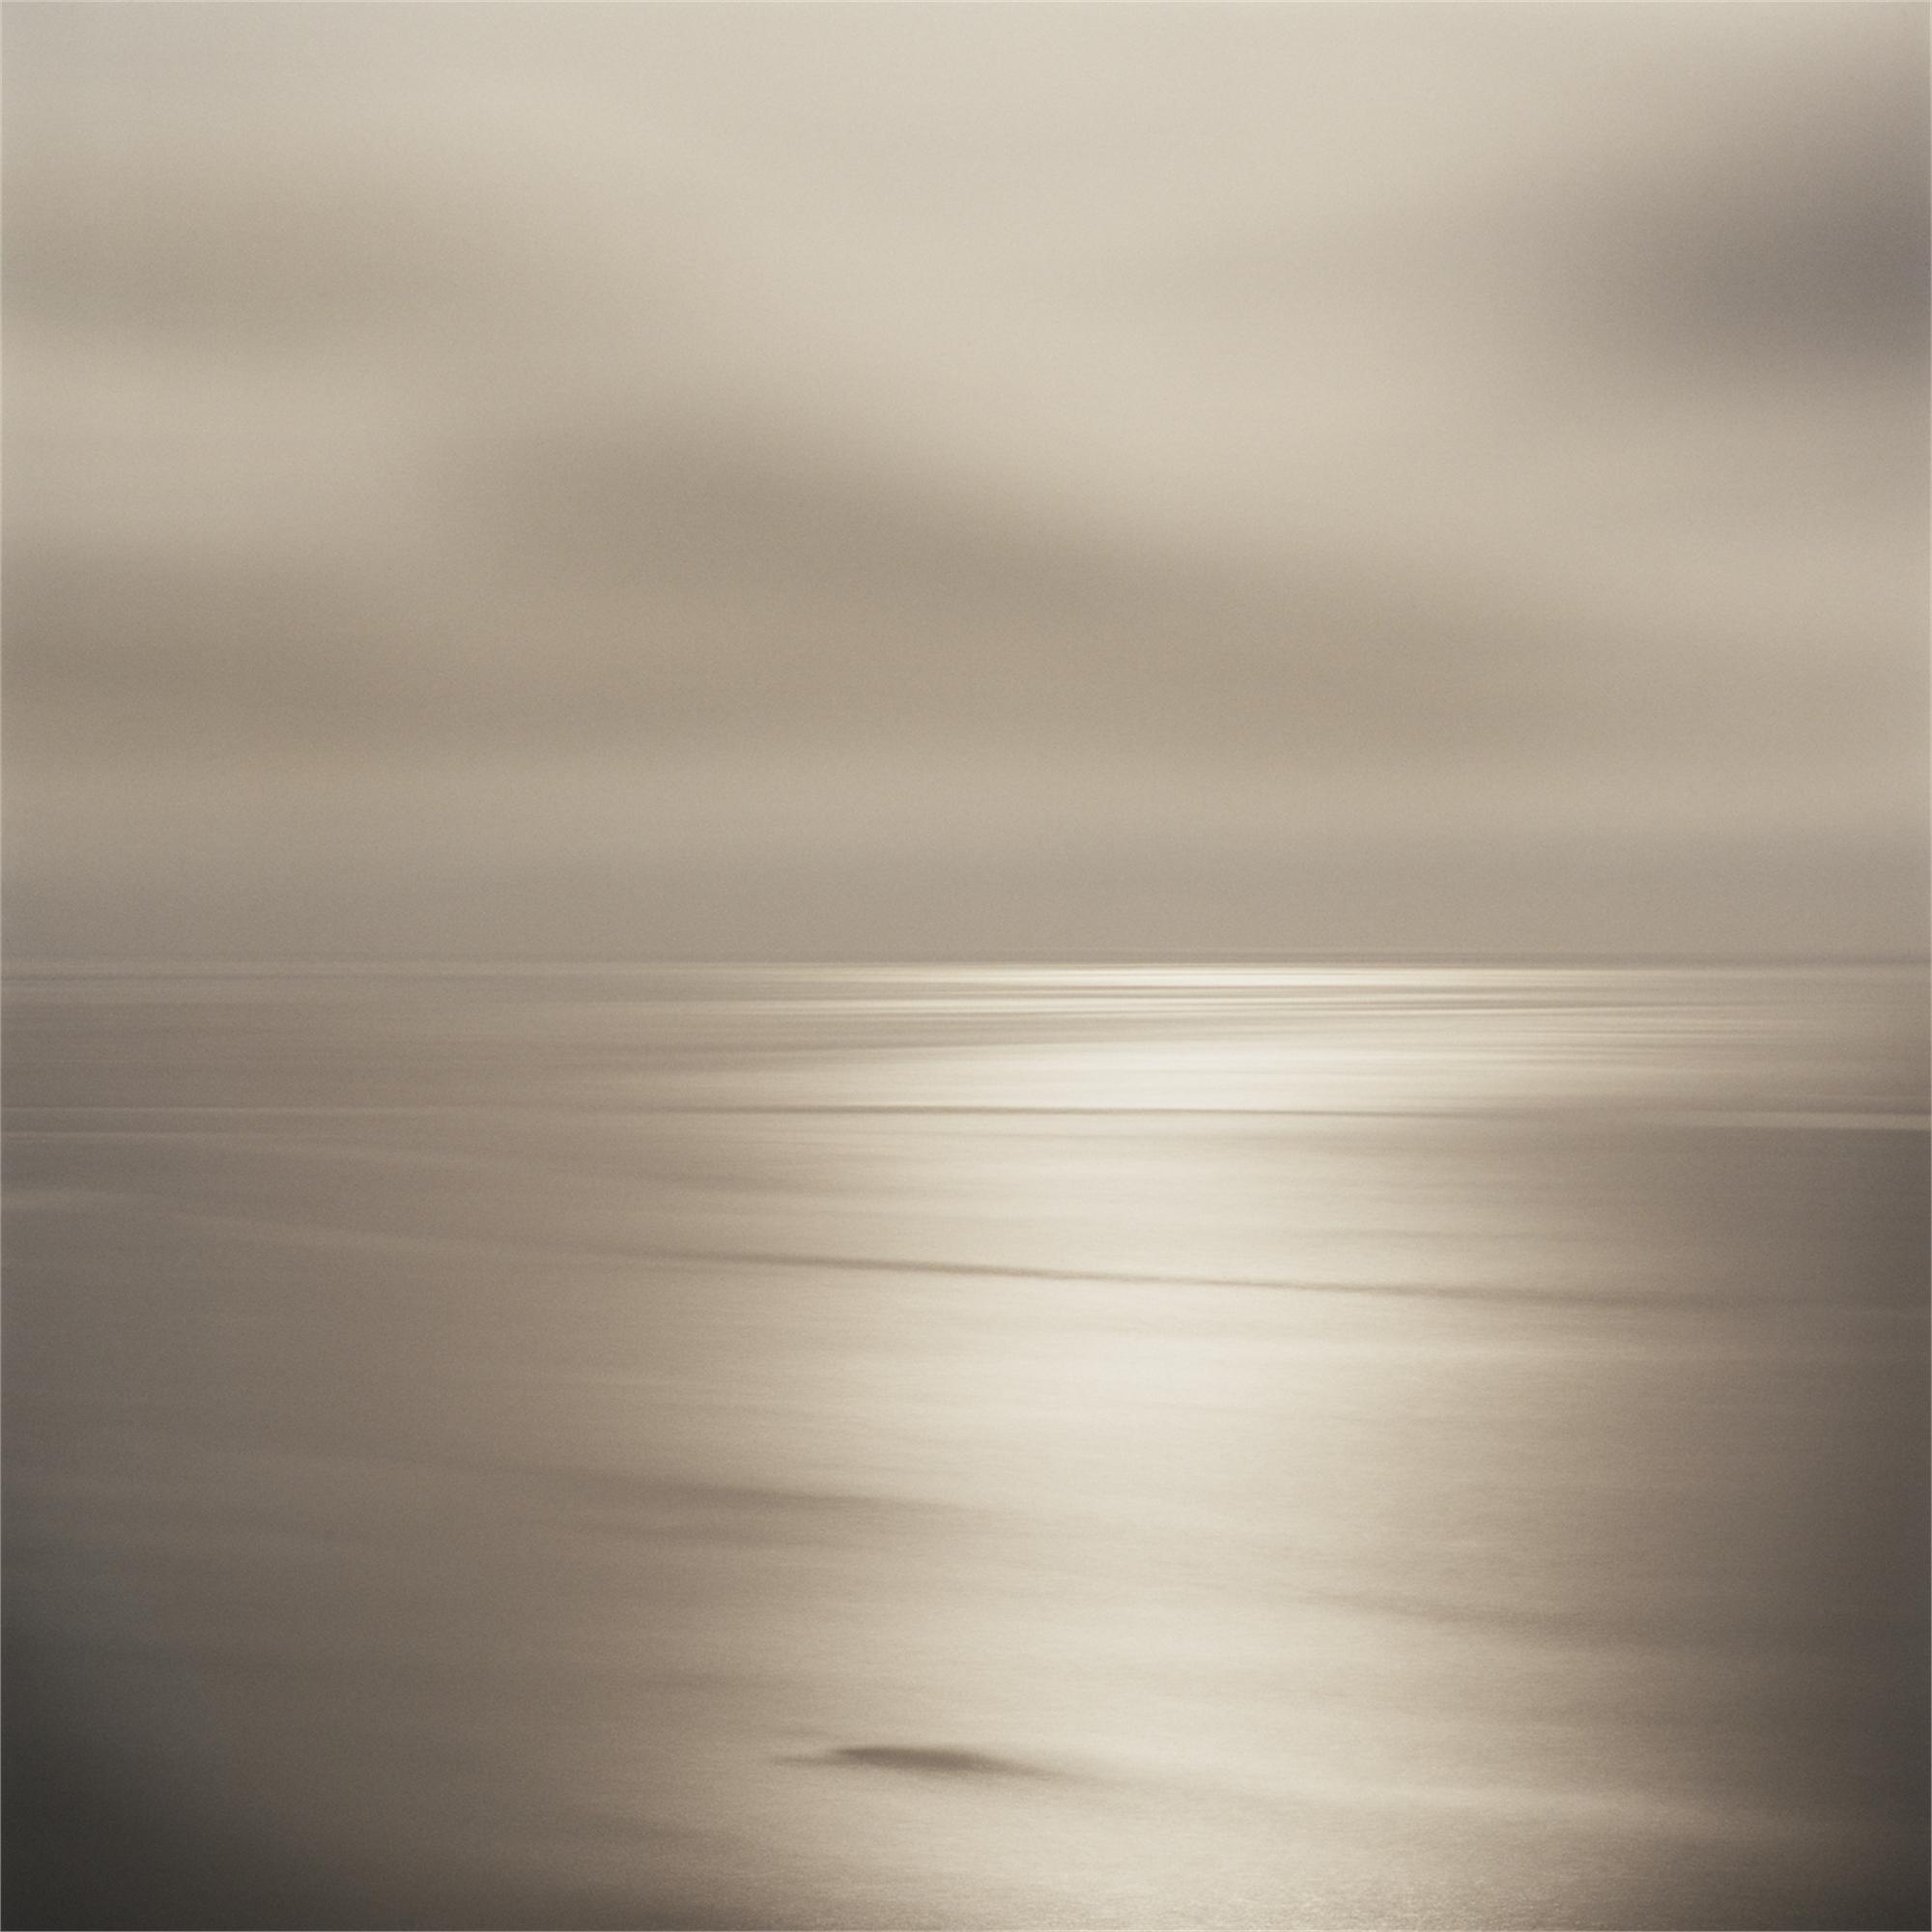 Untitled (DFUL_002) by Daniel Fuller